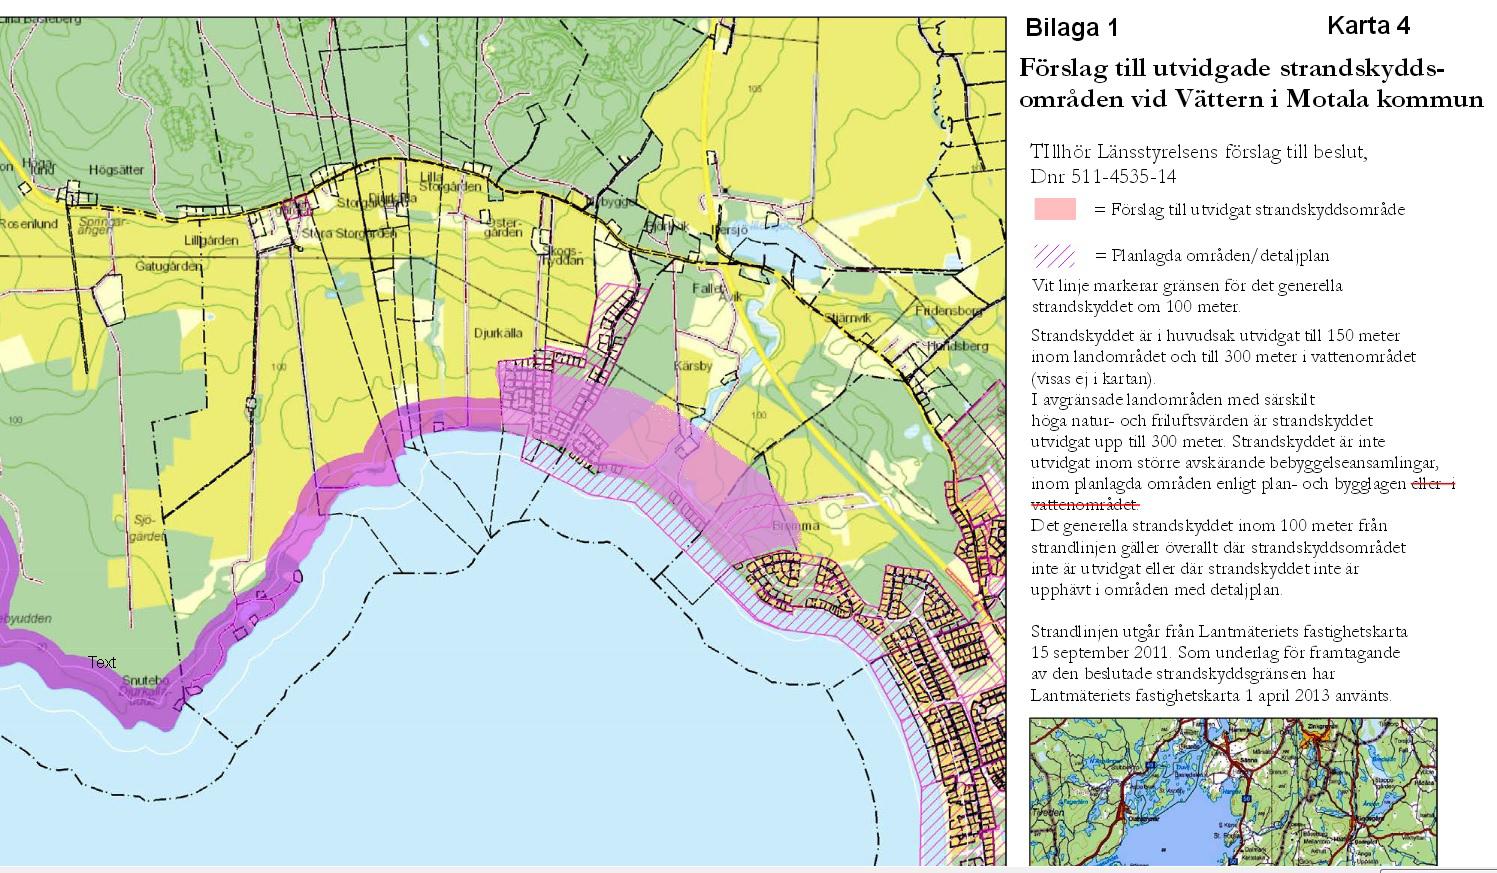 Utvidgat strandskydd för Djurkälla Kärsby och Bromma med NF:s kompletteringsförslag